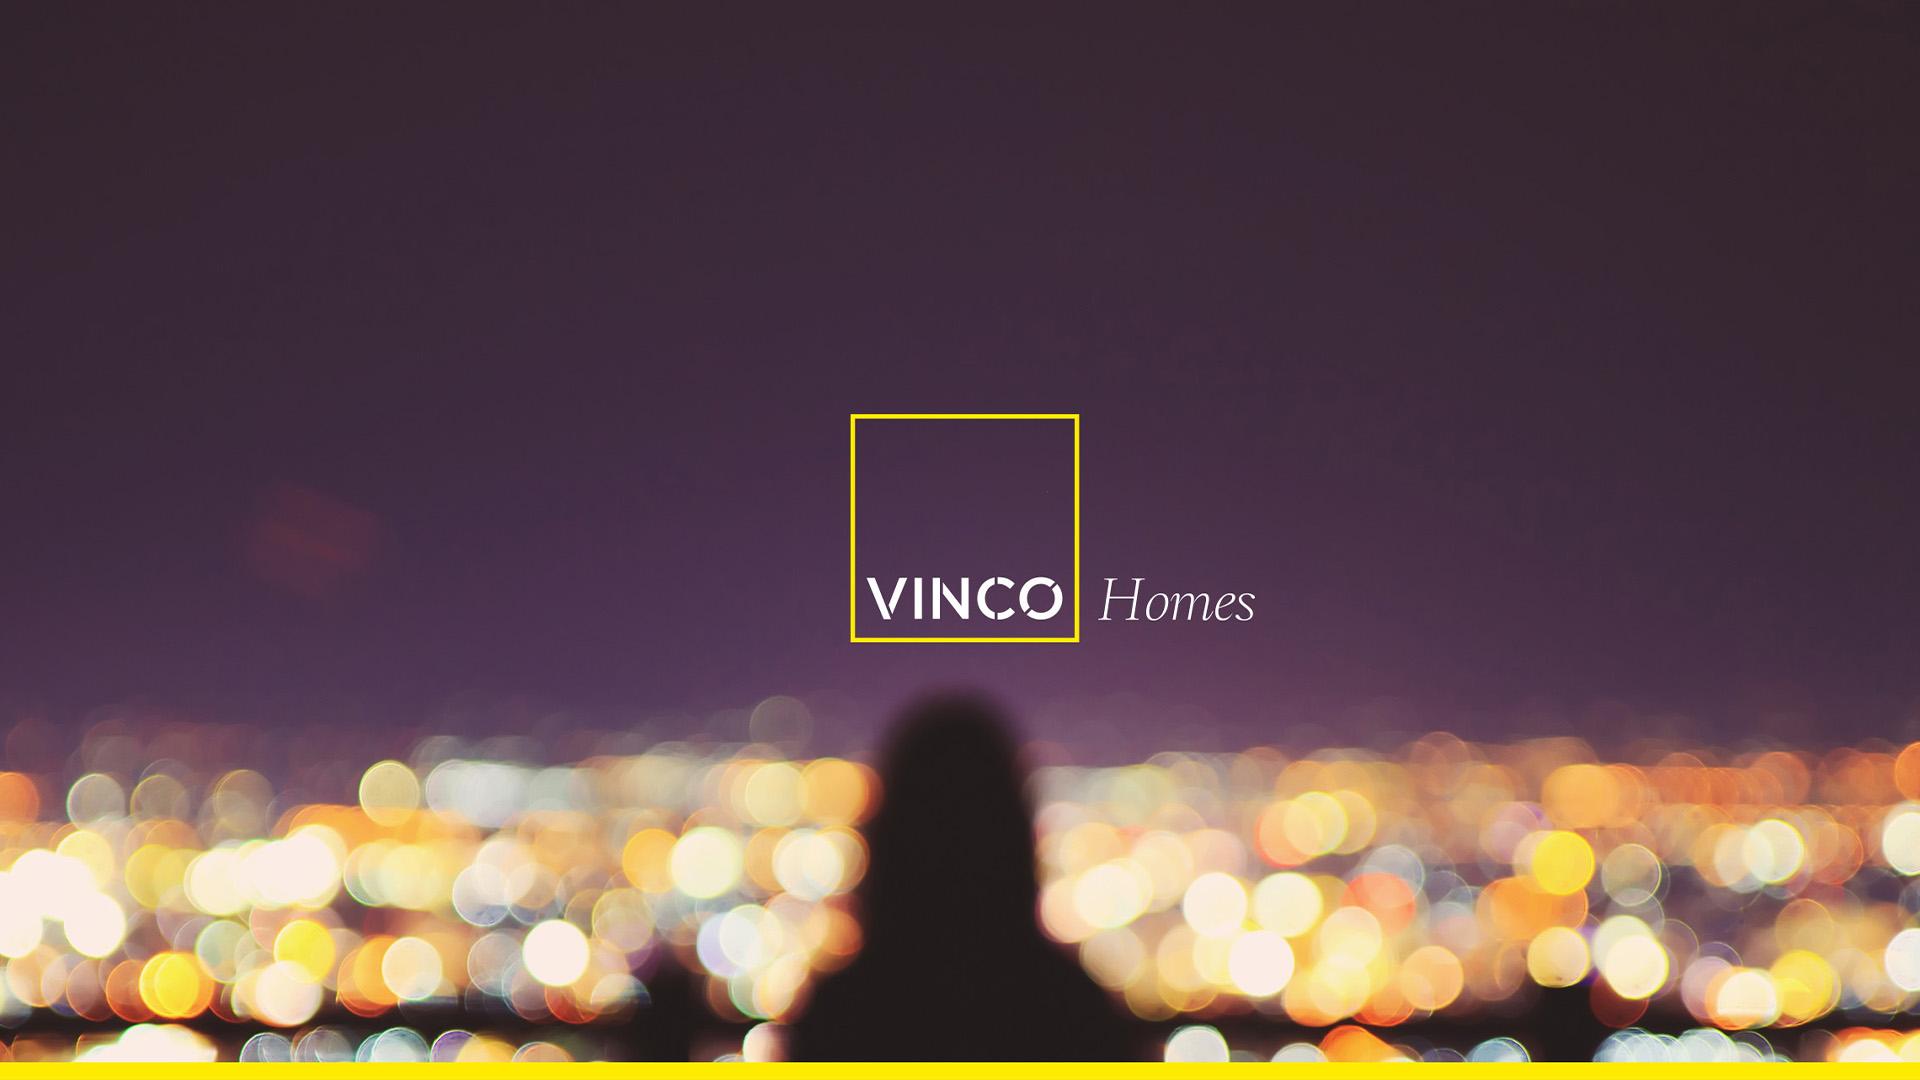 Vinco-homes-1920×1080-1